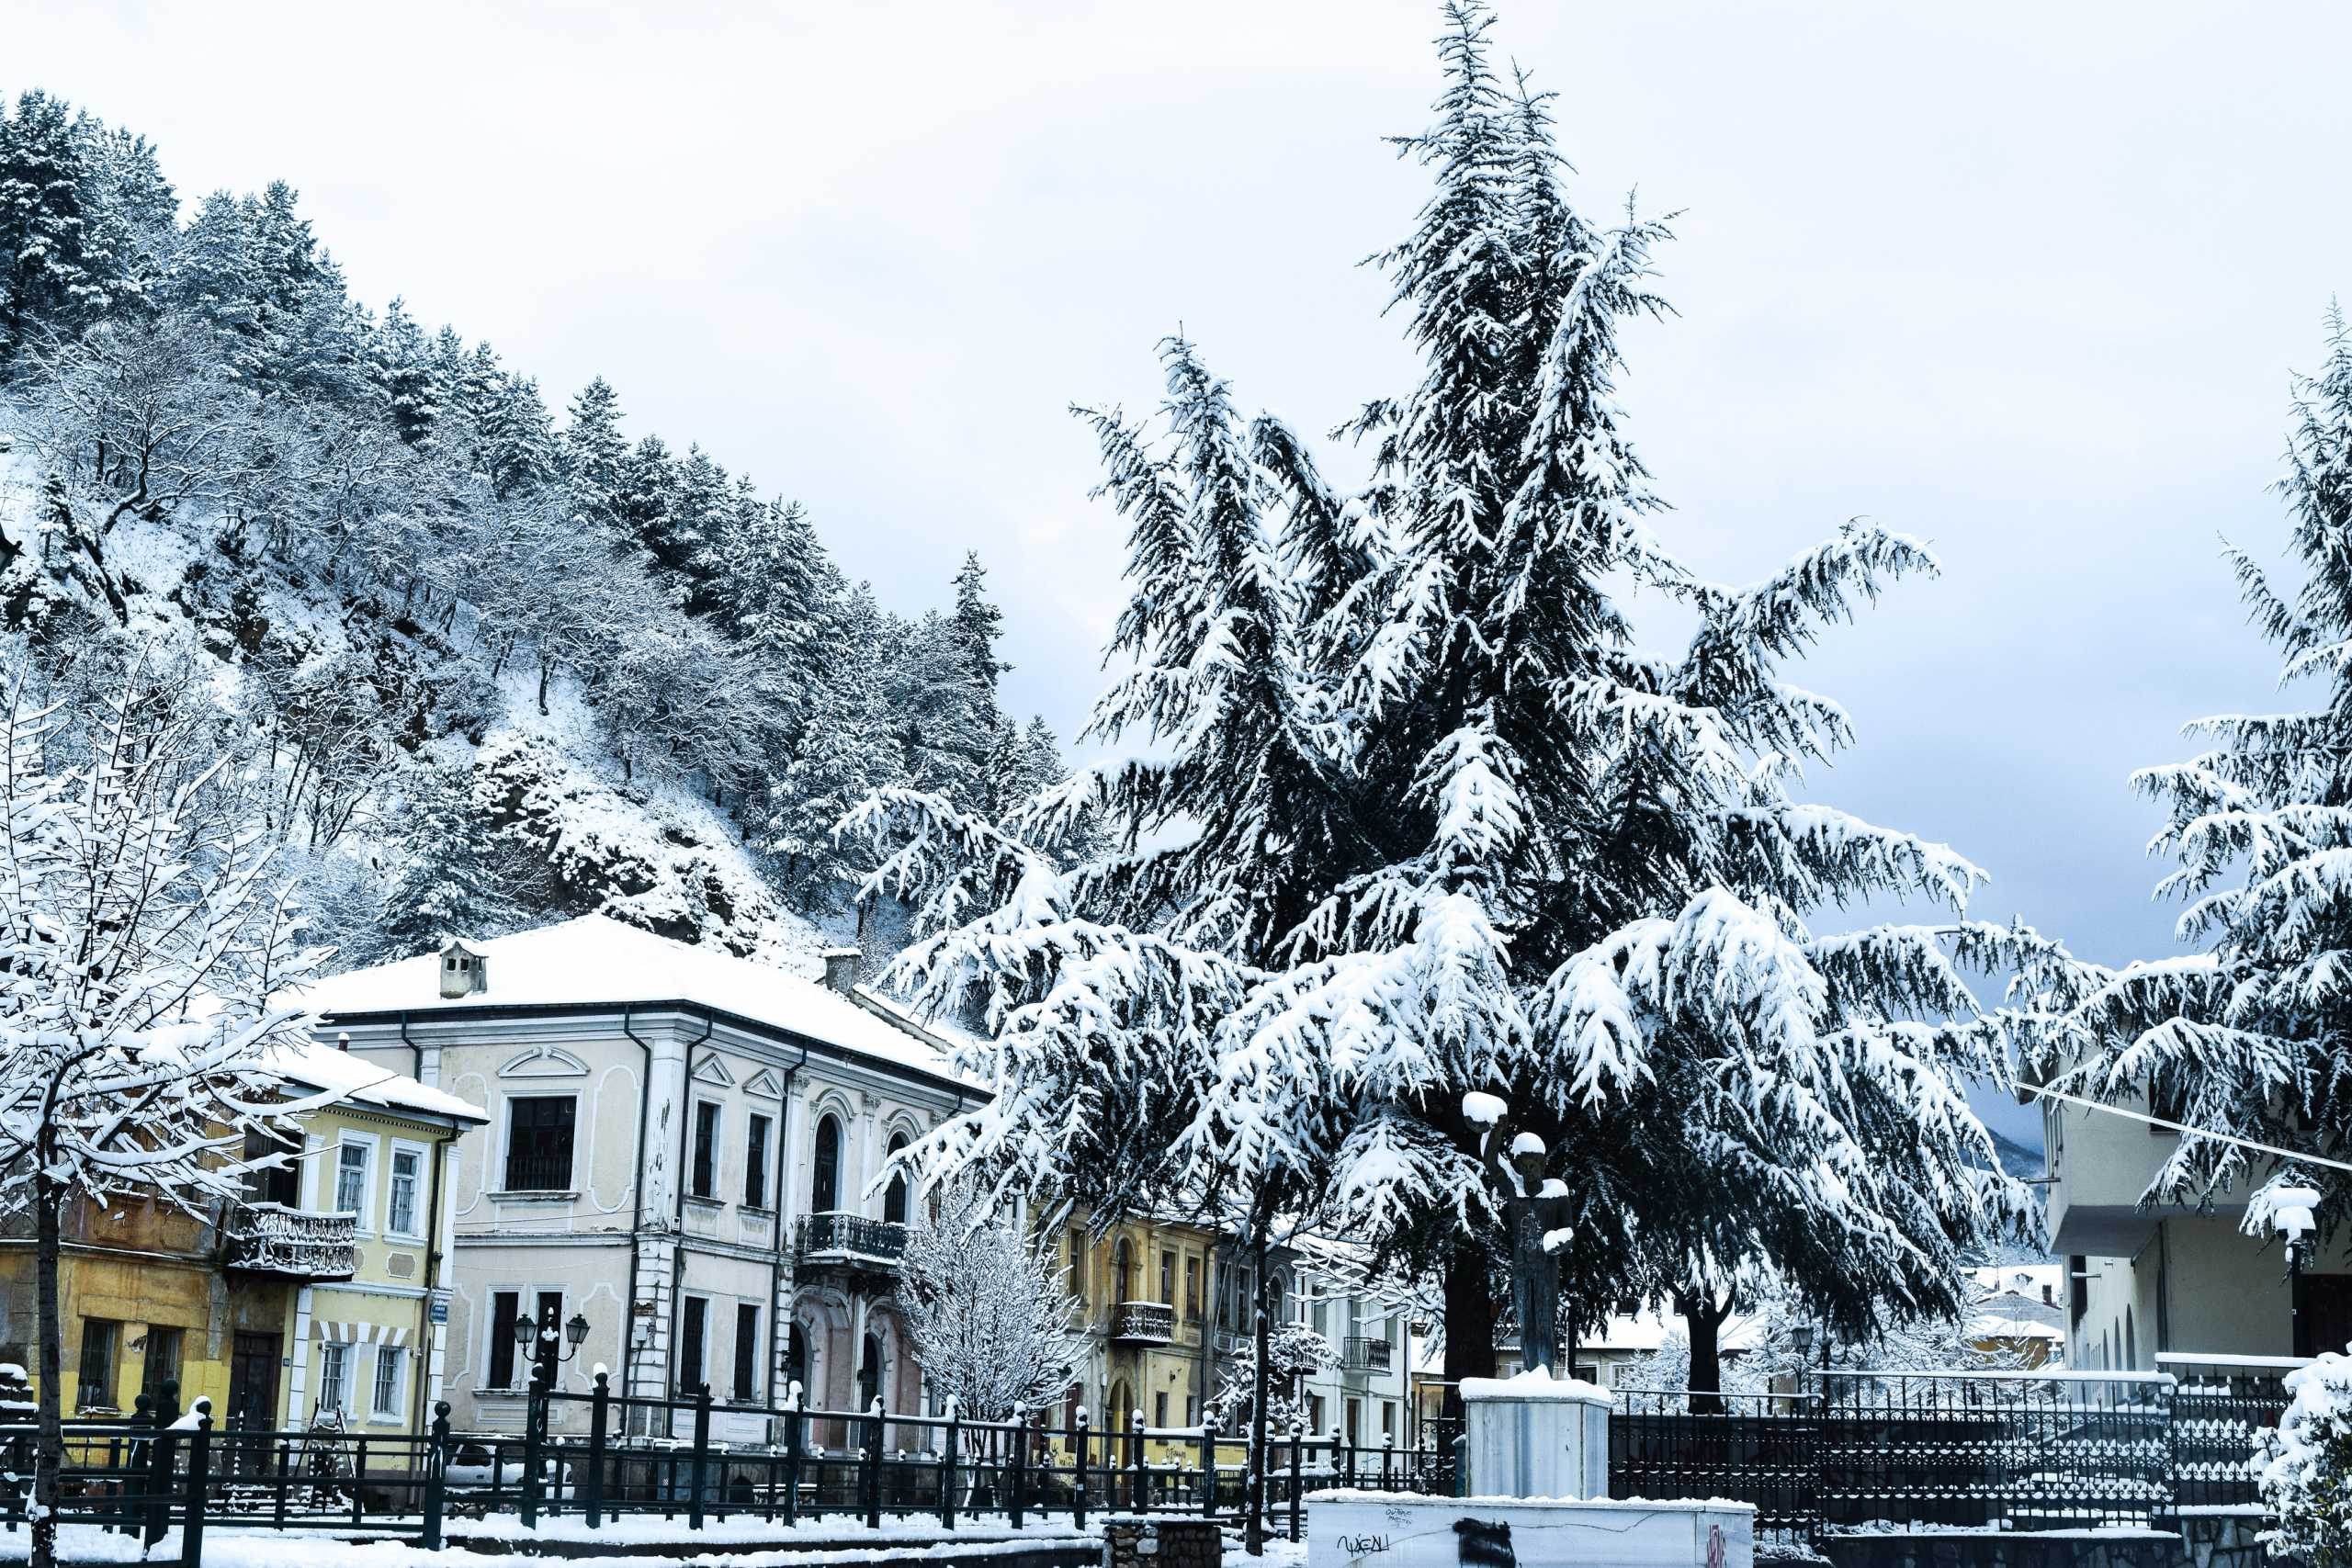 Καιρός – Κακοκαιρία «Μπάλλος»: Χιόνια και ειδυλλιακές εικόνες σε Γρεβενά και Φλώρινα